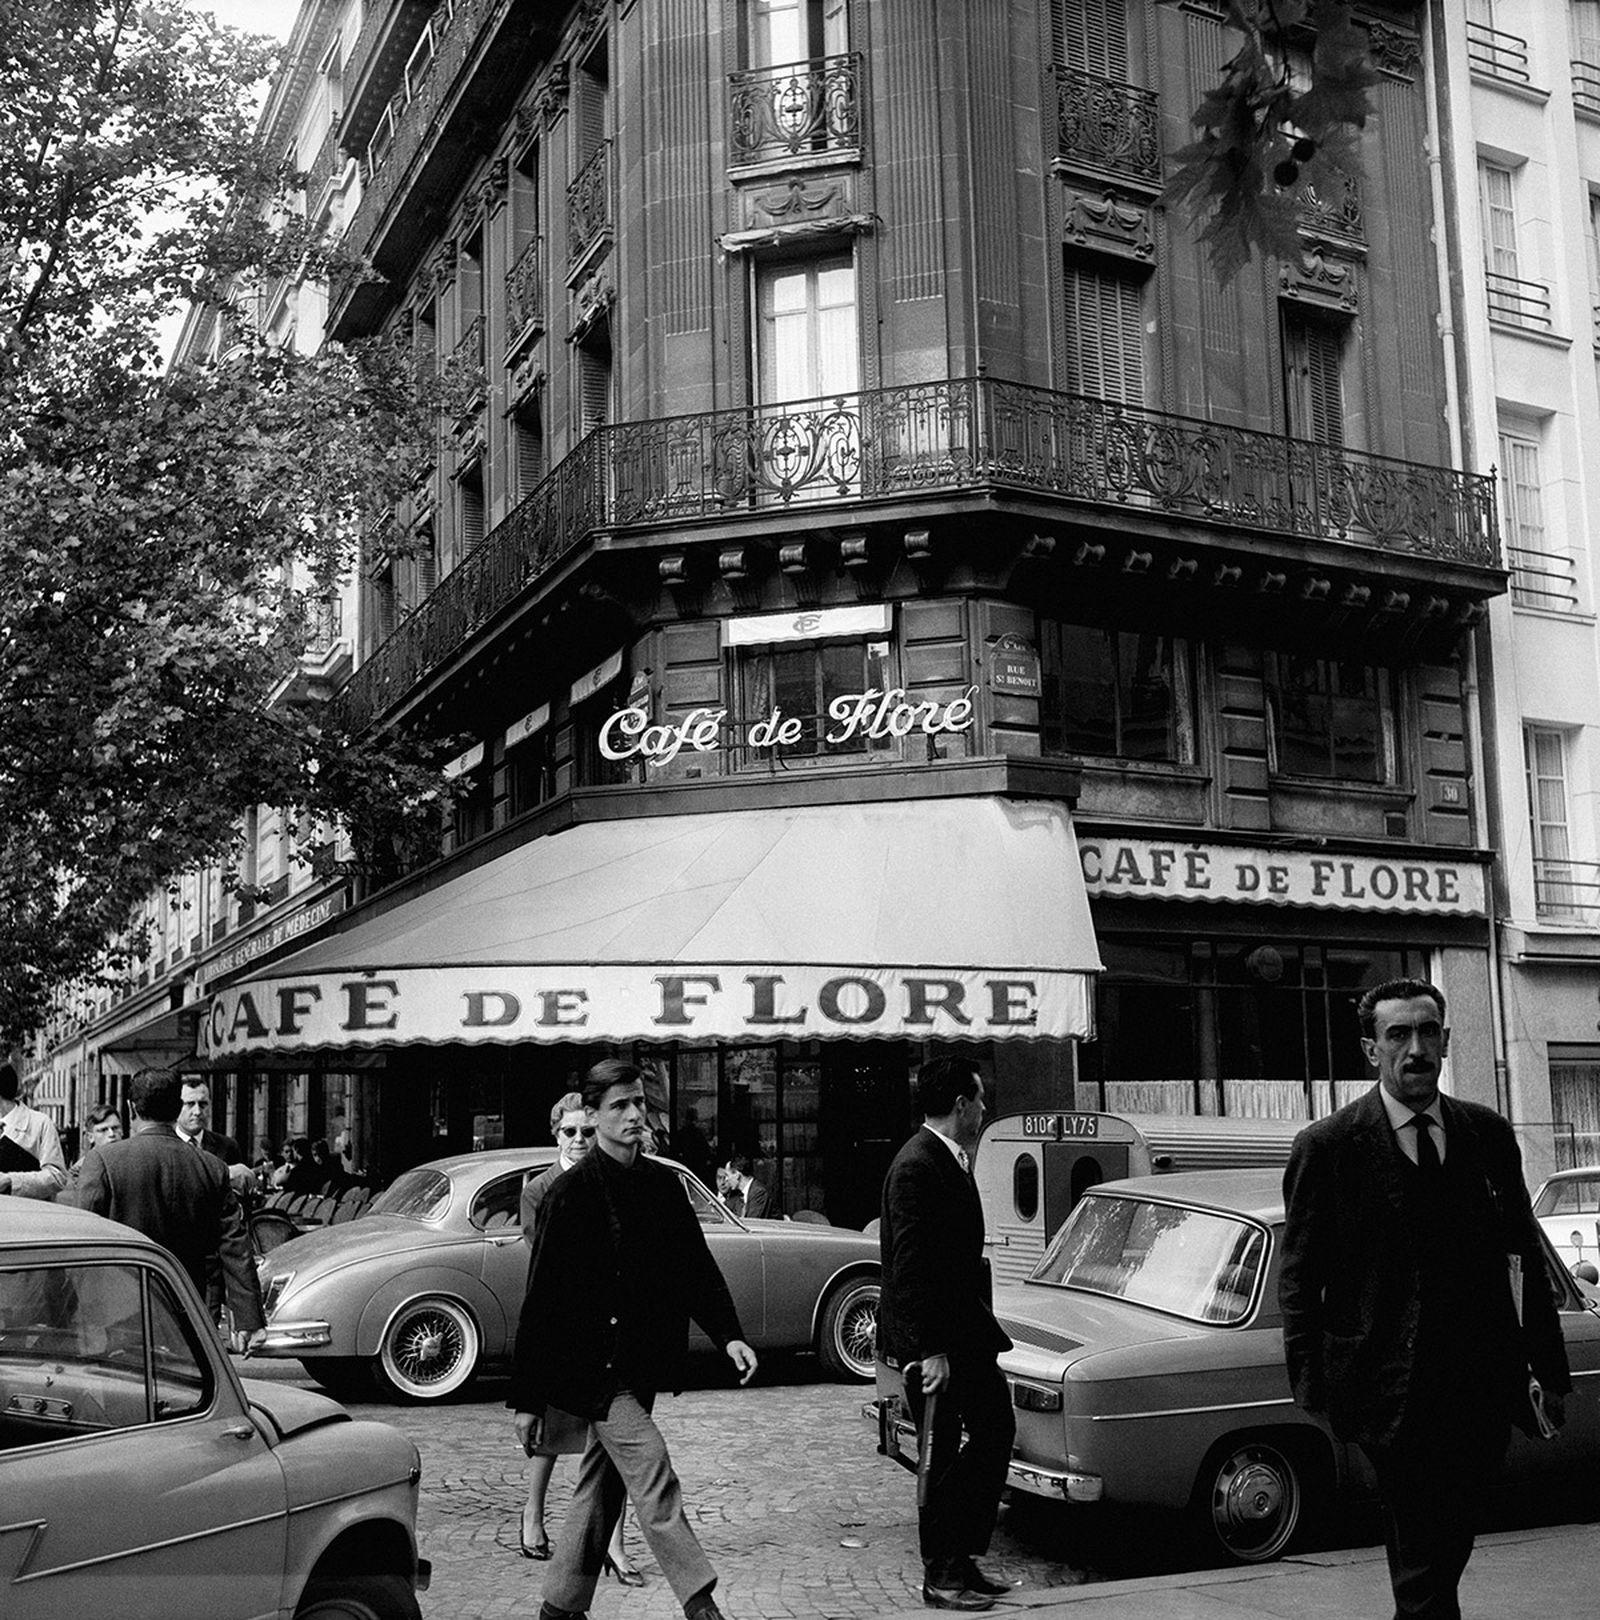 cafe-de-flore-fashion-week-not-in-paris-01